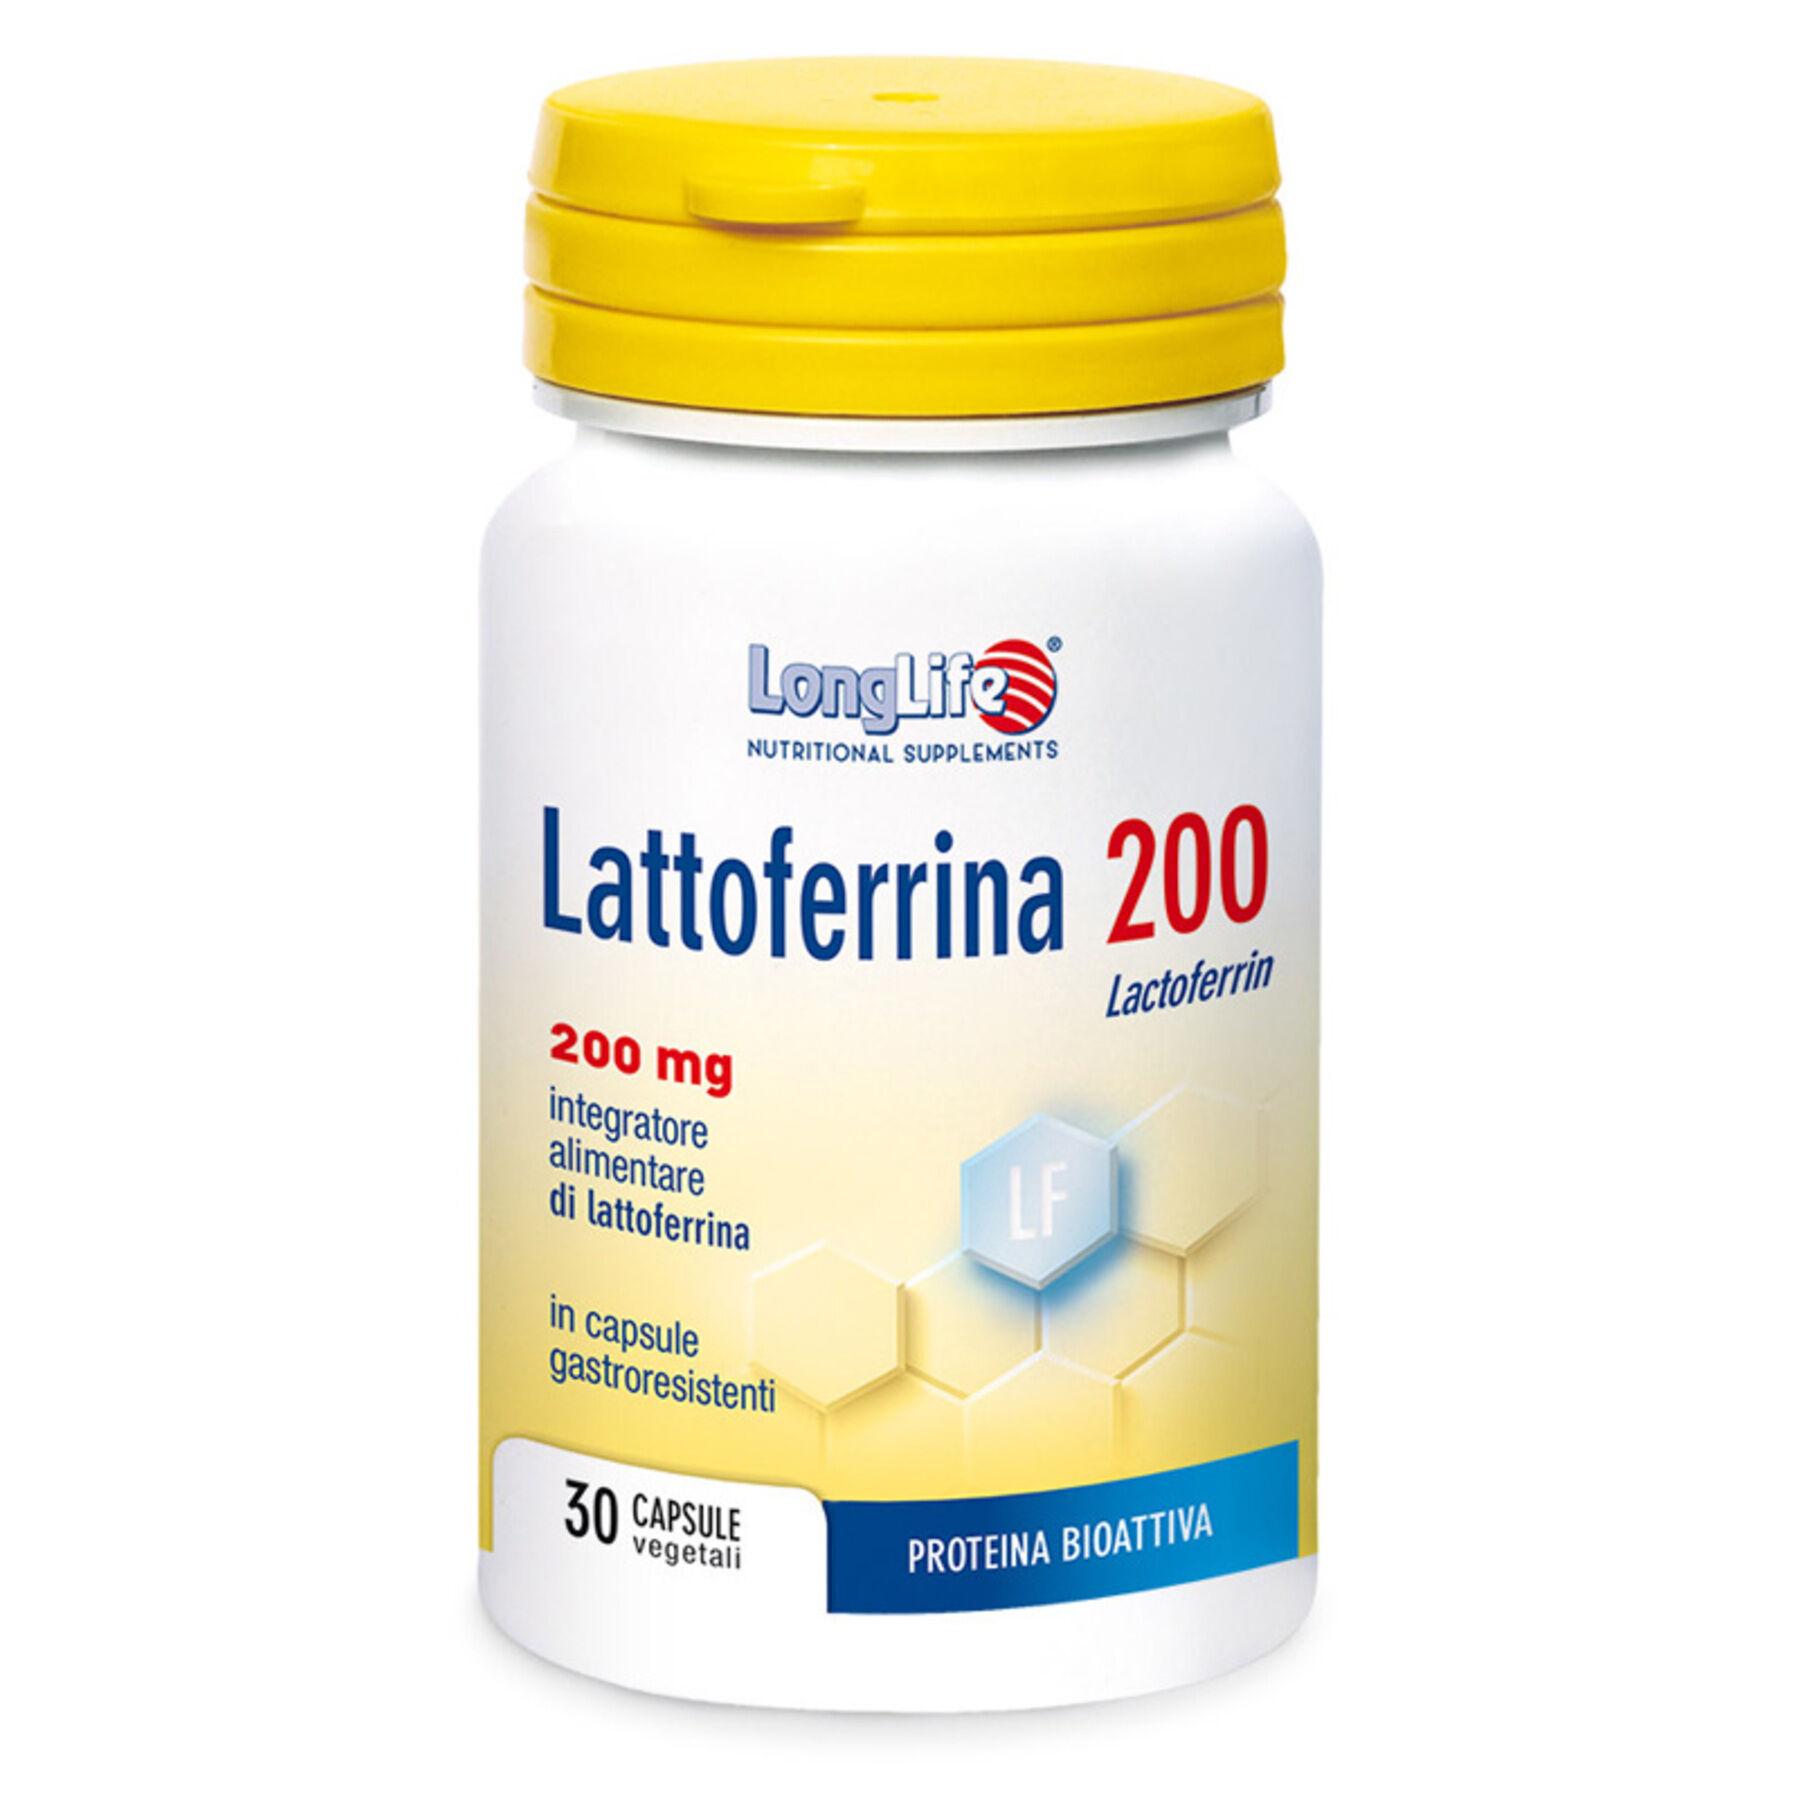 Phoenix Longlife lattoferrina200 30 capsule gastroresistenti